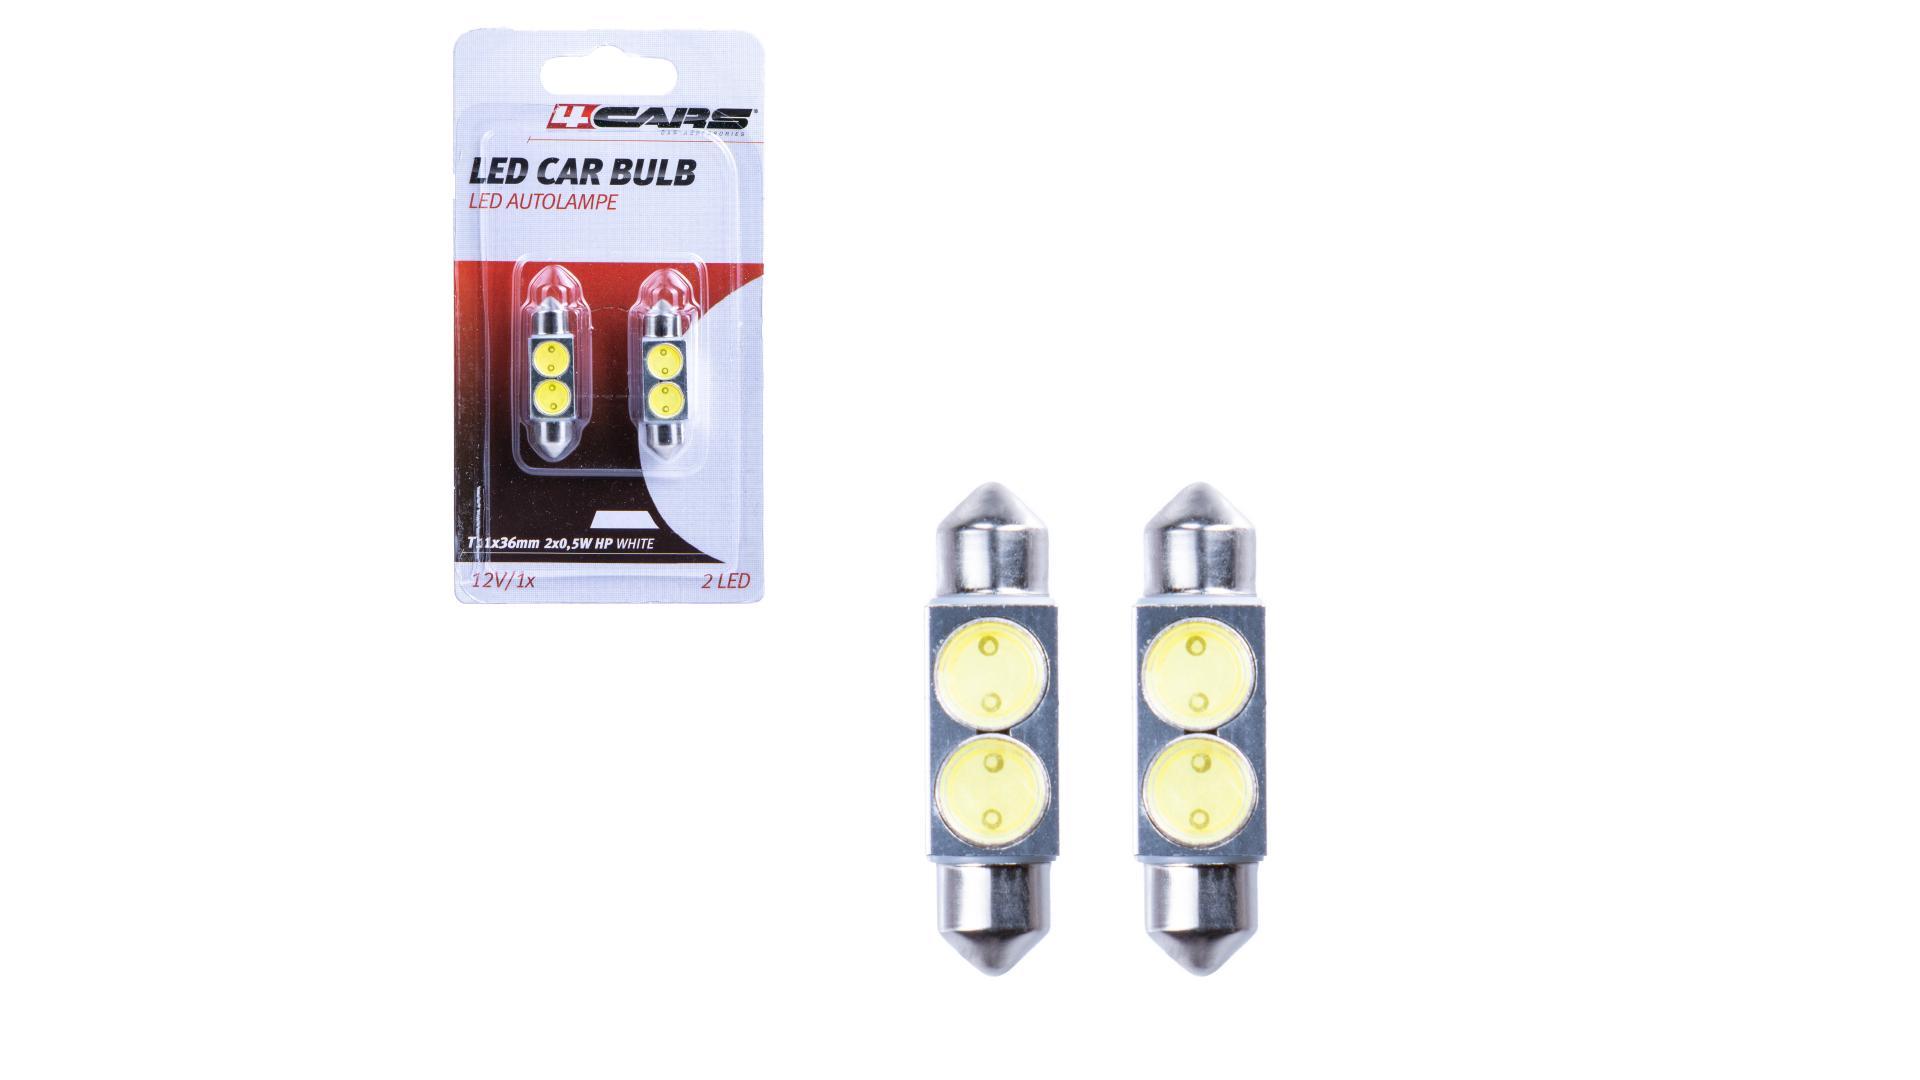 4CARS HQ sada LED žárovek T11X36/ 2X0.5W HP bílá